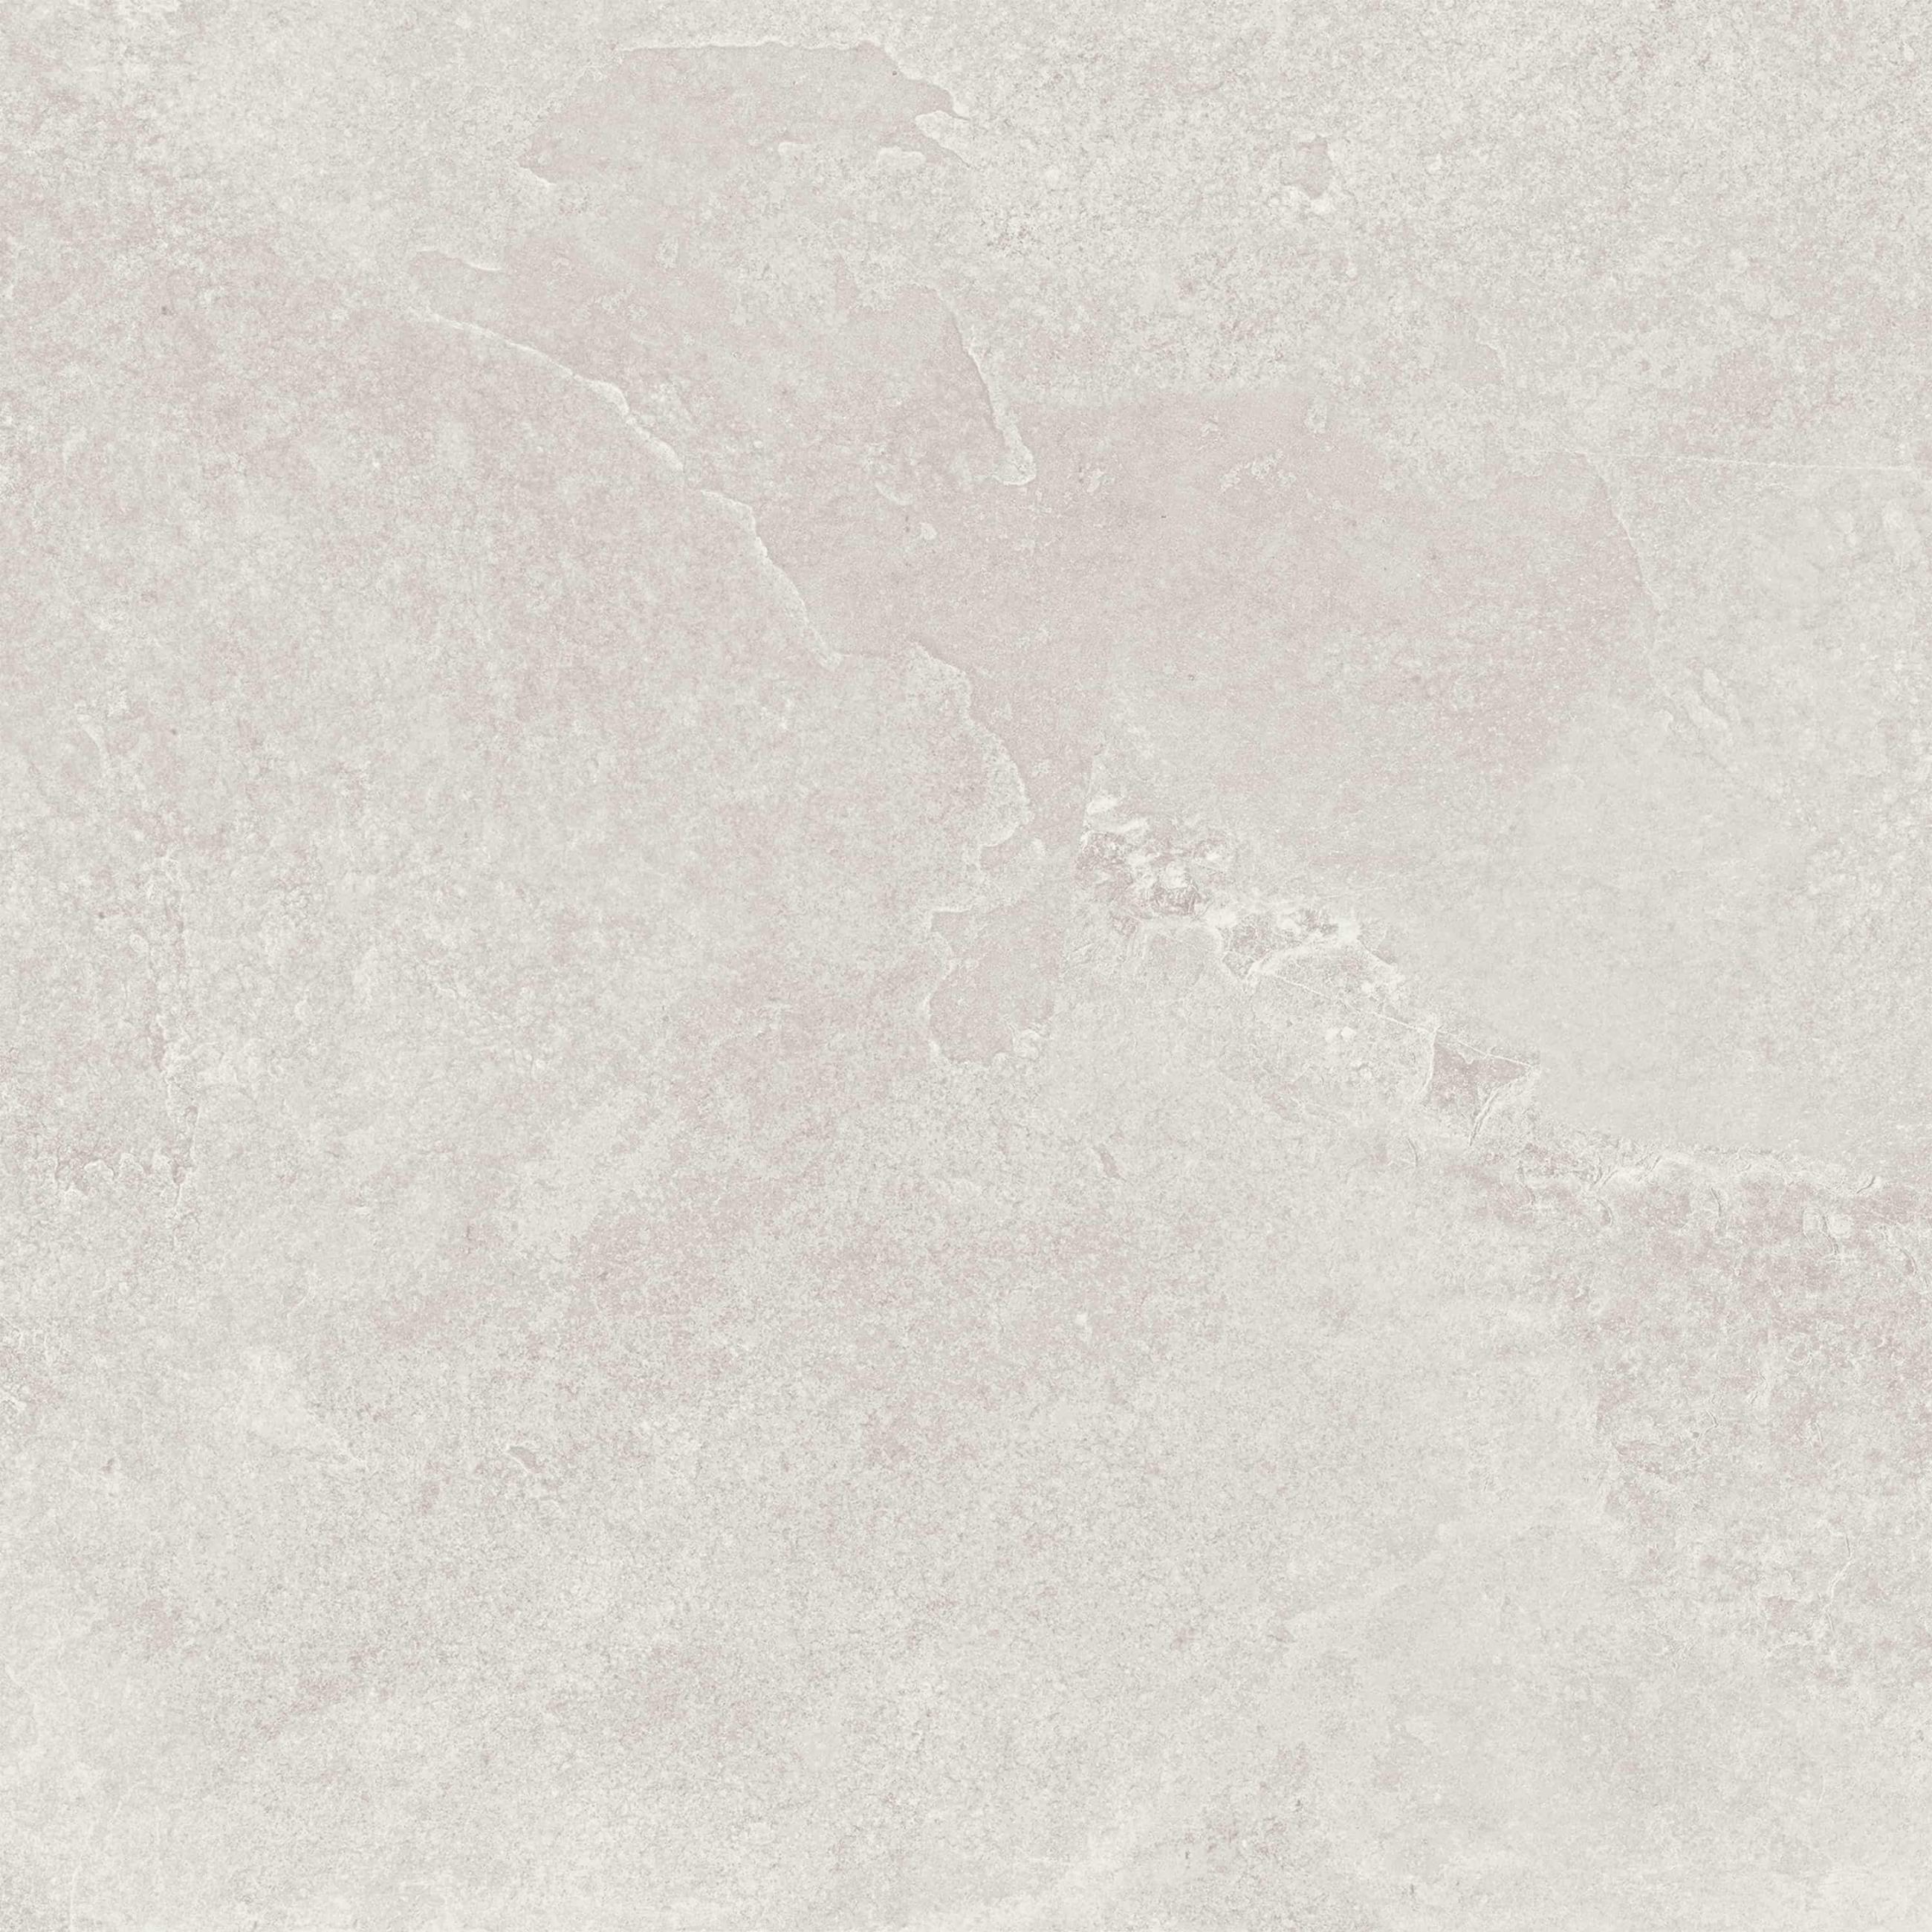 Realstone Slate | Glace